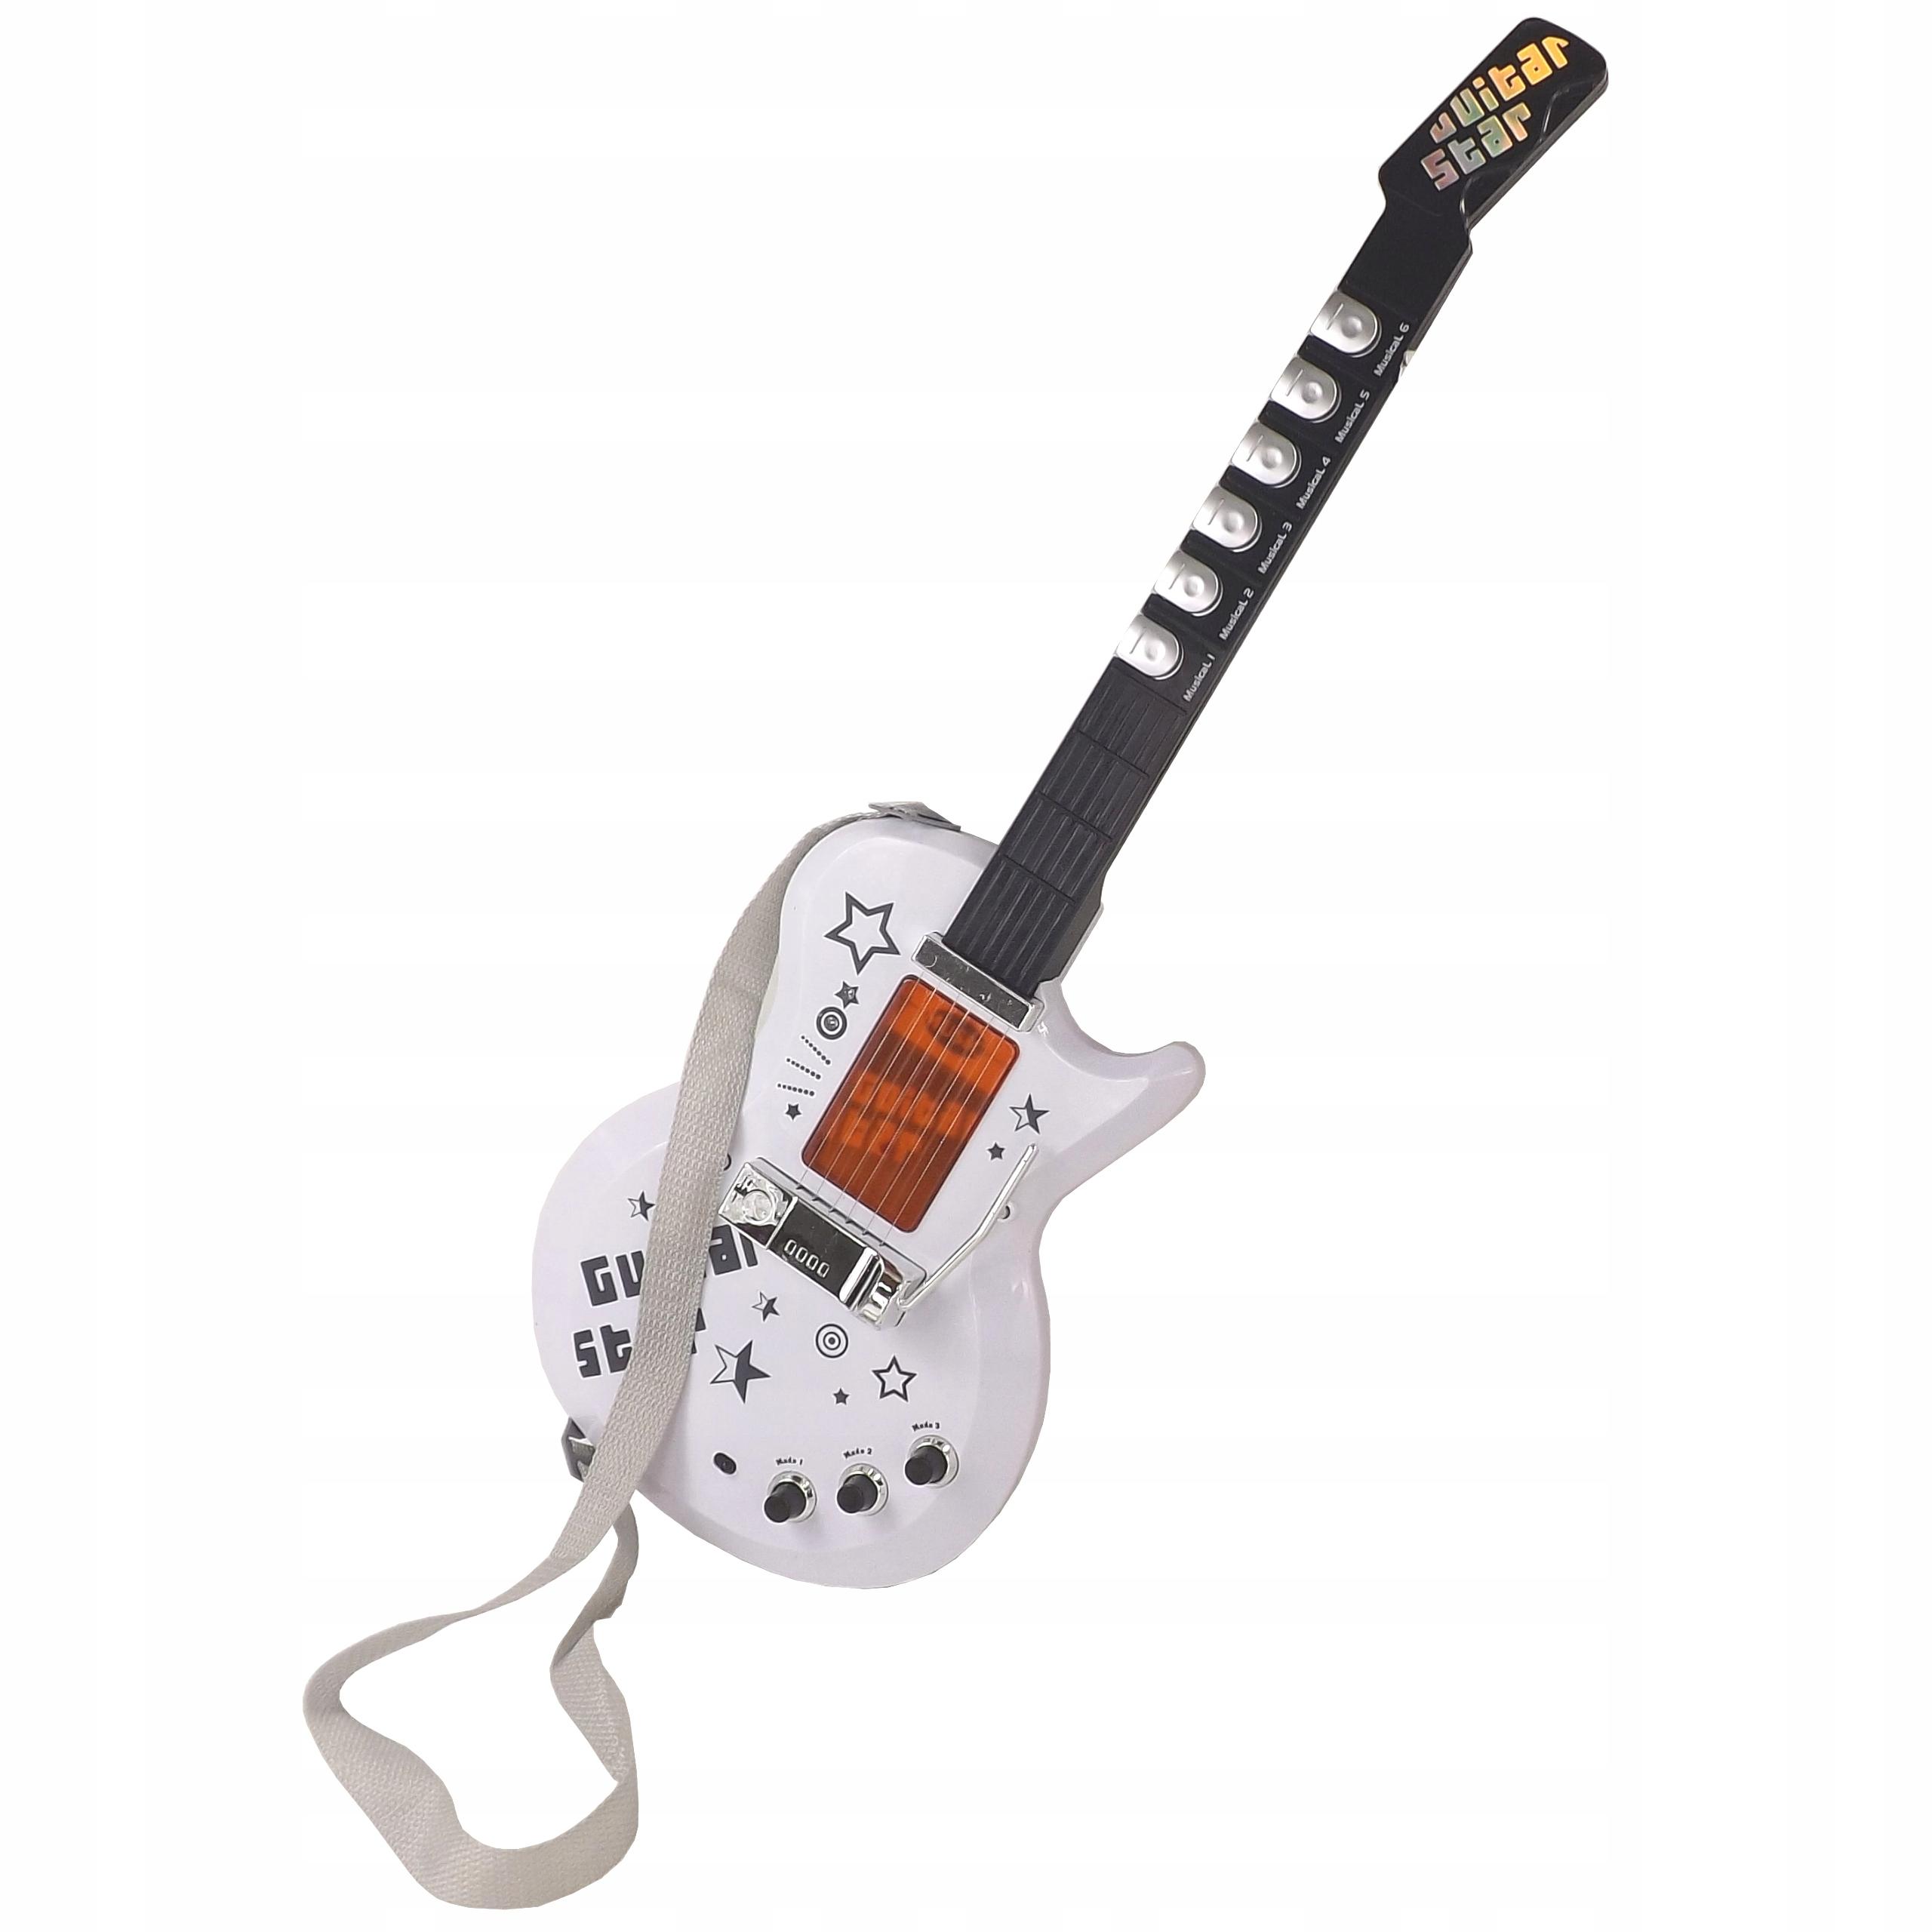 BEZPRZEWODOWA GITARA ZE WZMACNIACZEM,mikrofon 9010 Rodzaj gitara